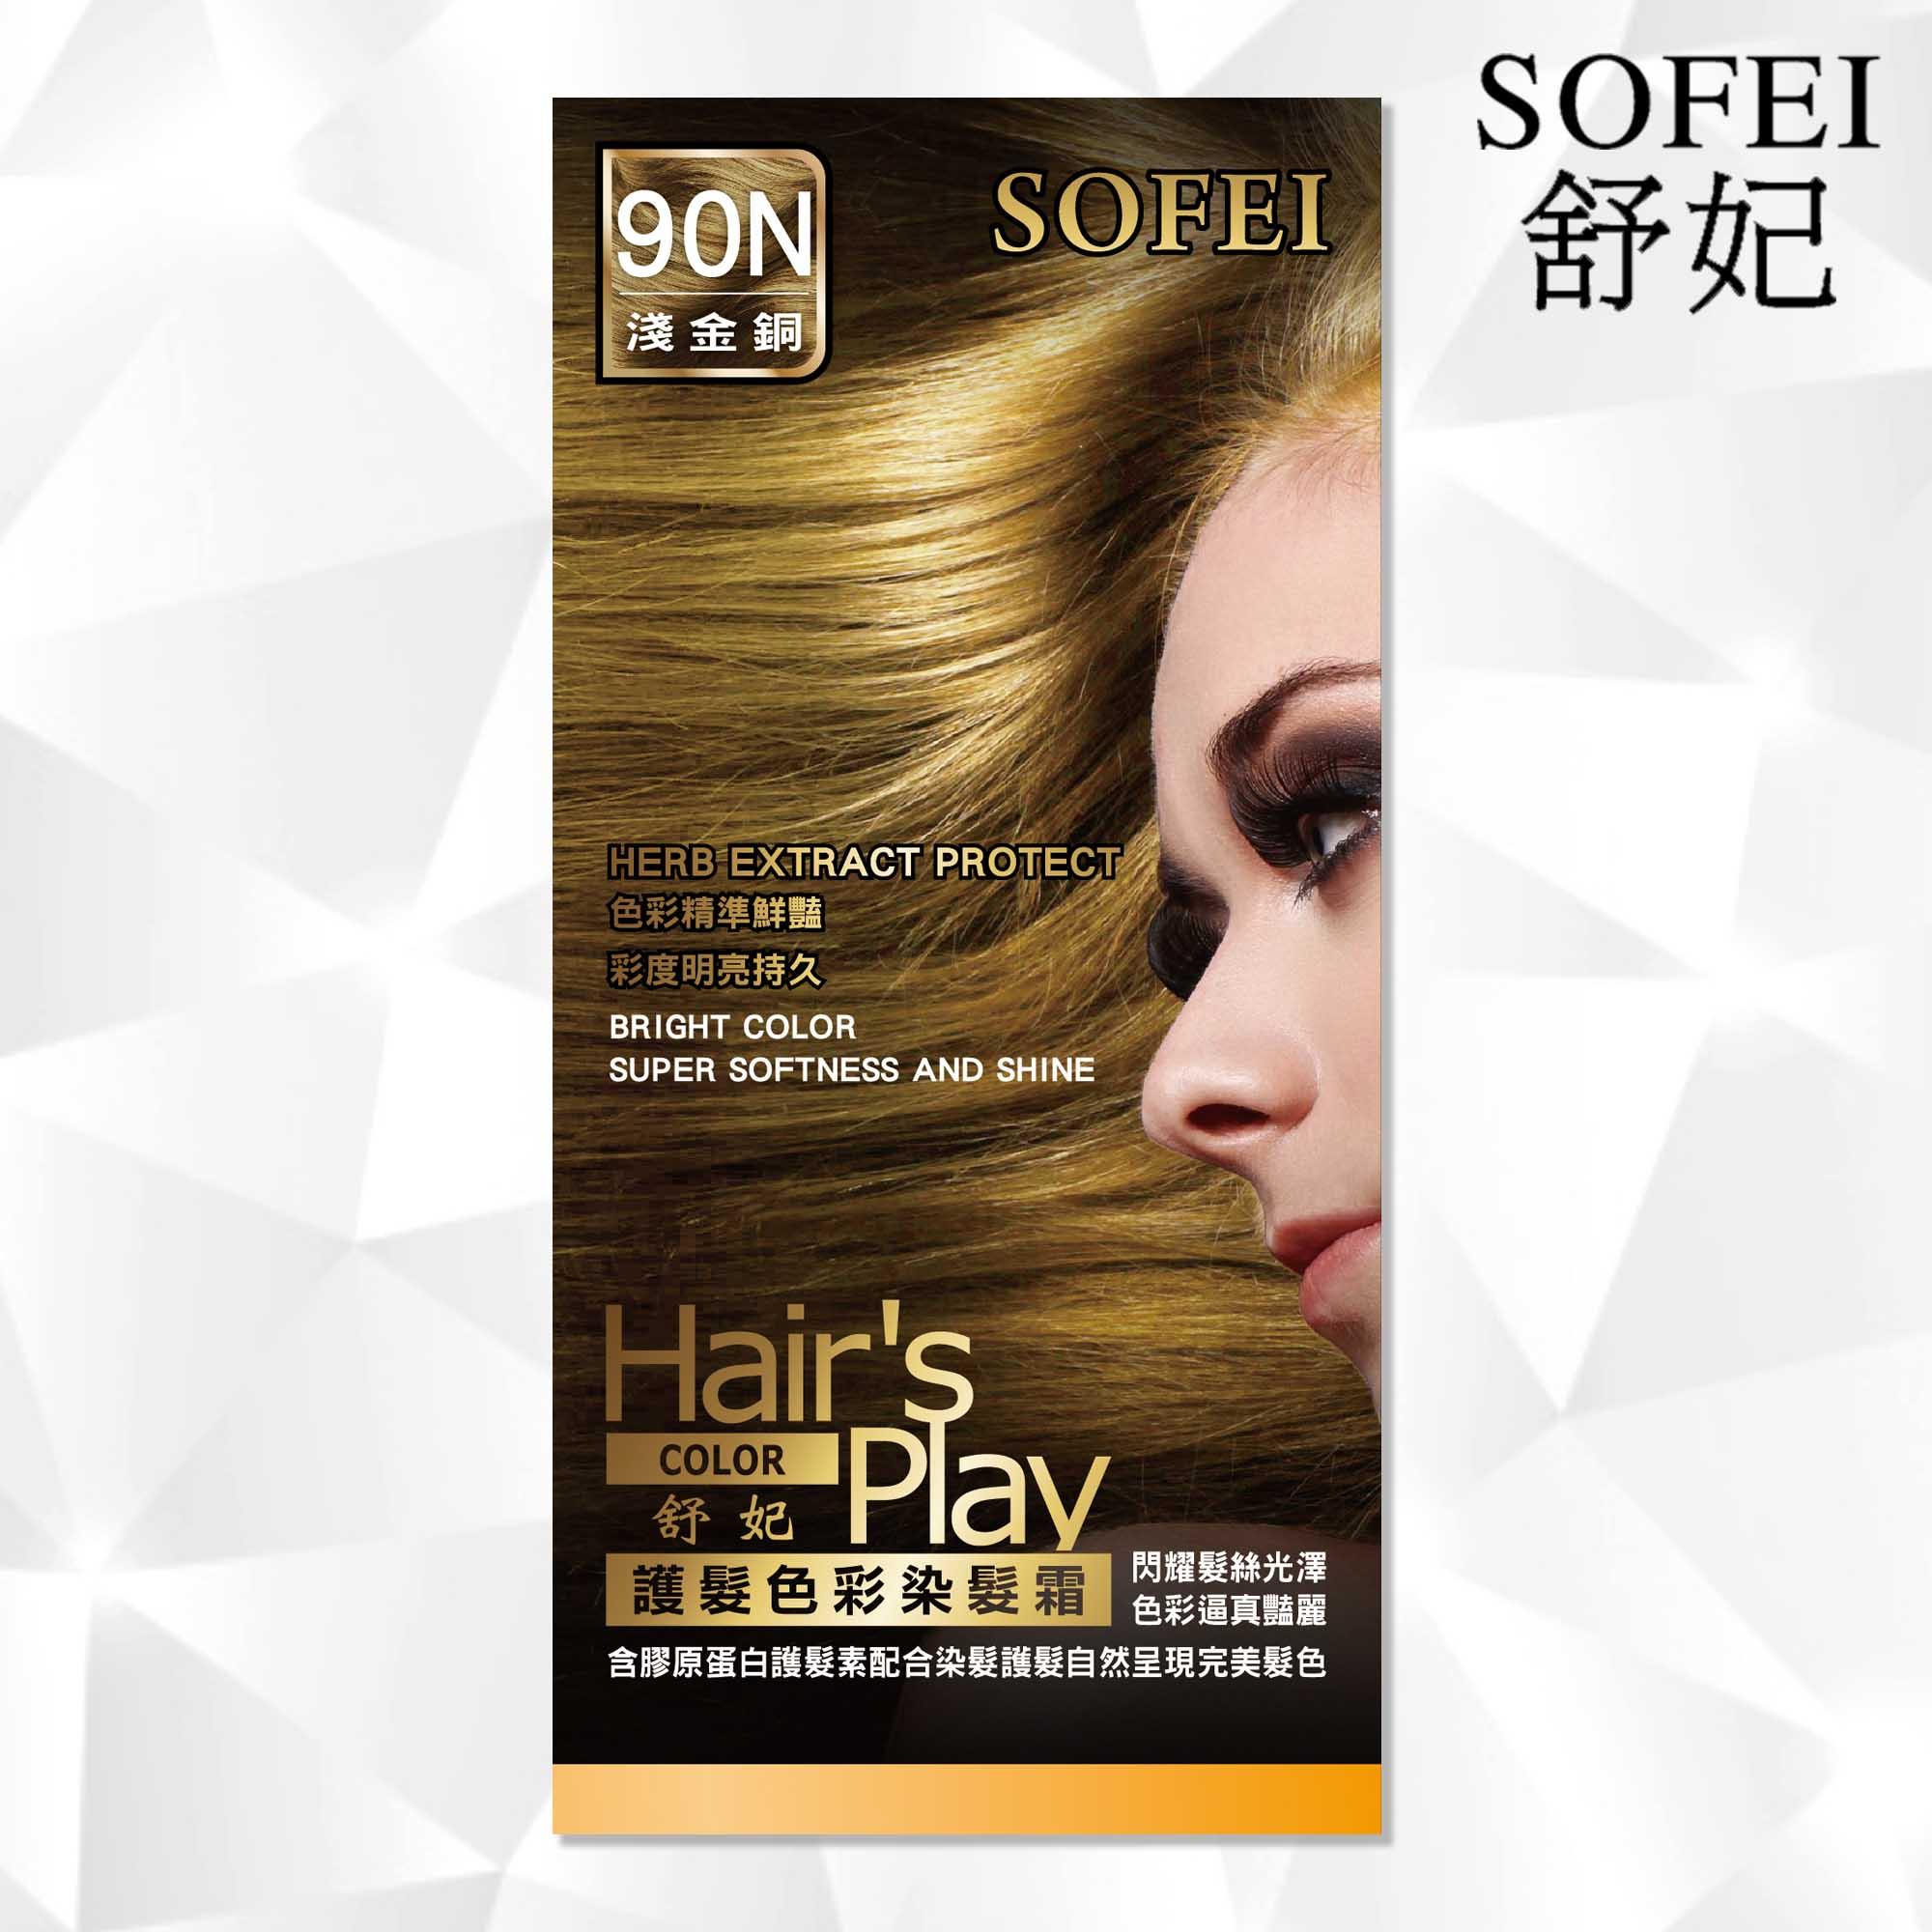 【SOFEI 舒妃】Hair's Play護髮色彩染髮霜-90N淺金銅